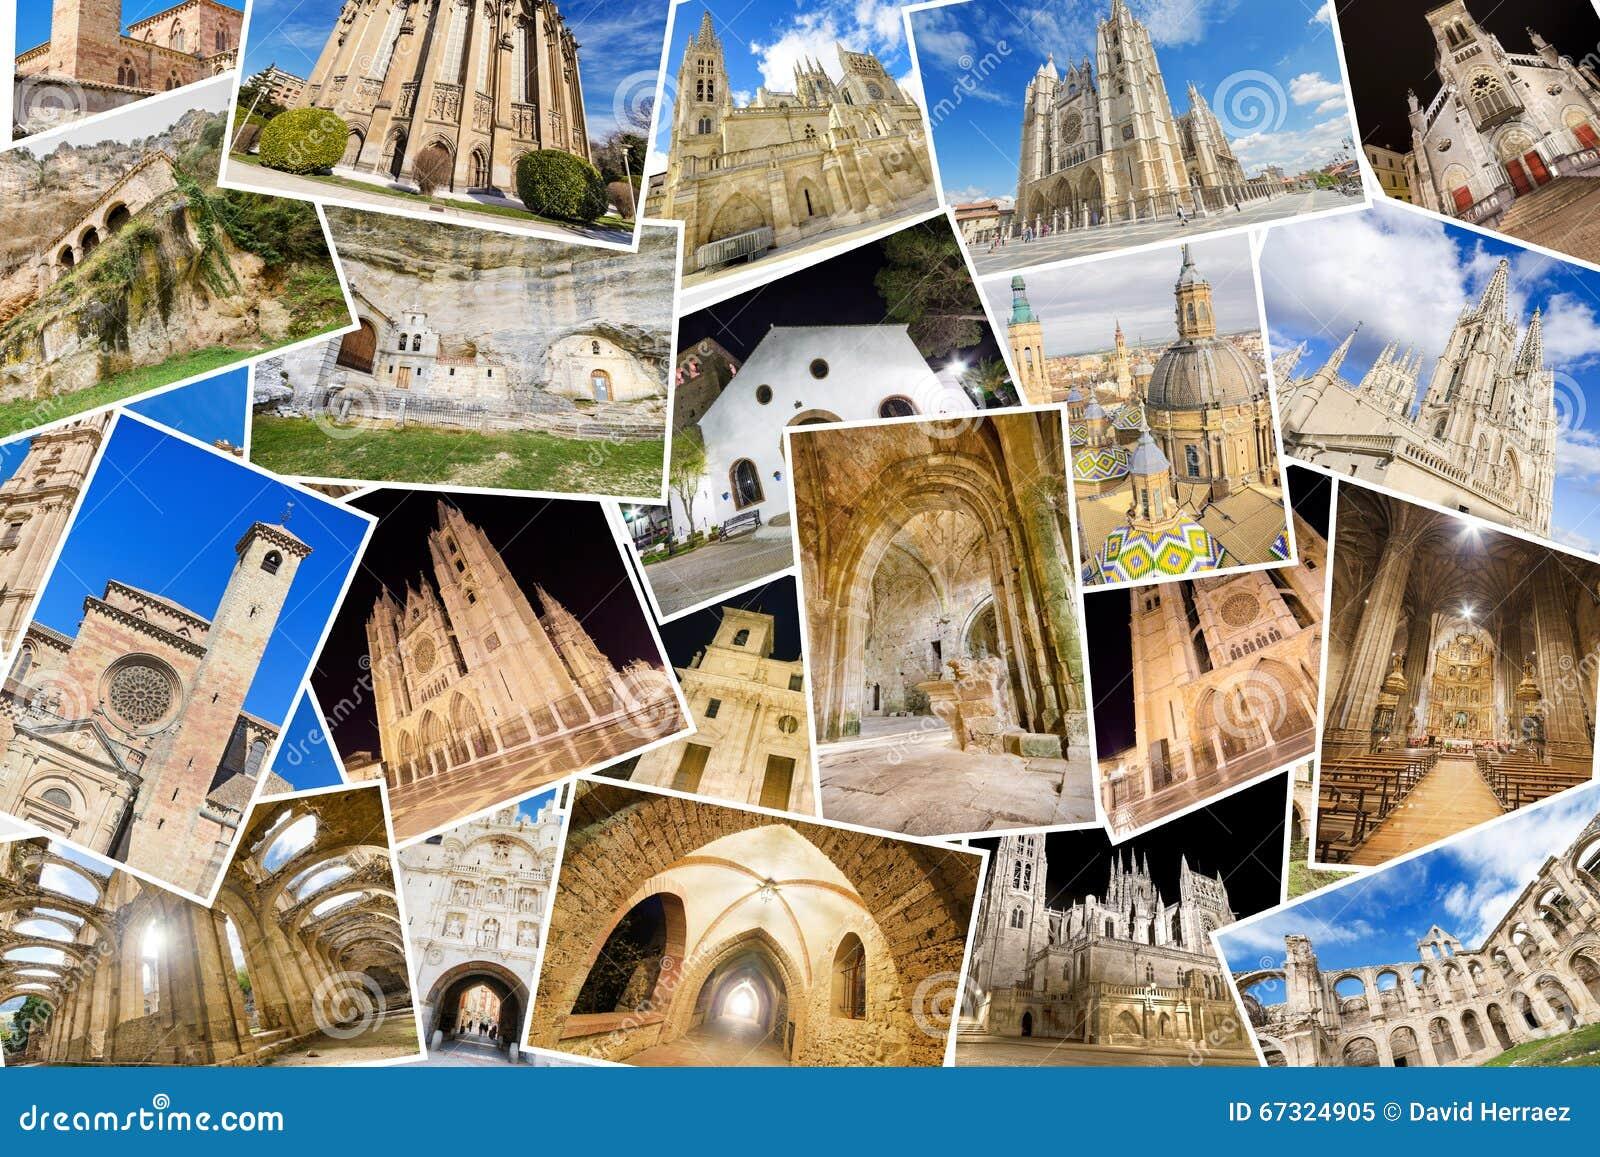 Un Collage De Mis Mejores Fotos De Churchs, De Monasterys Y De ...